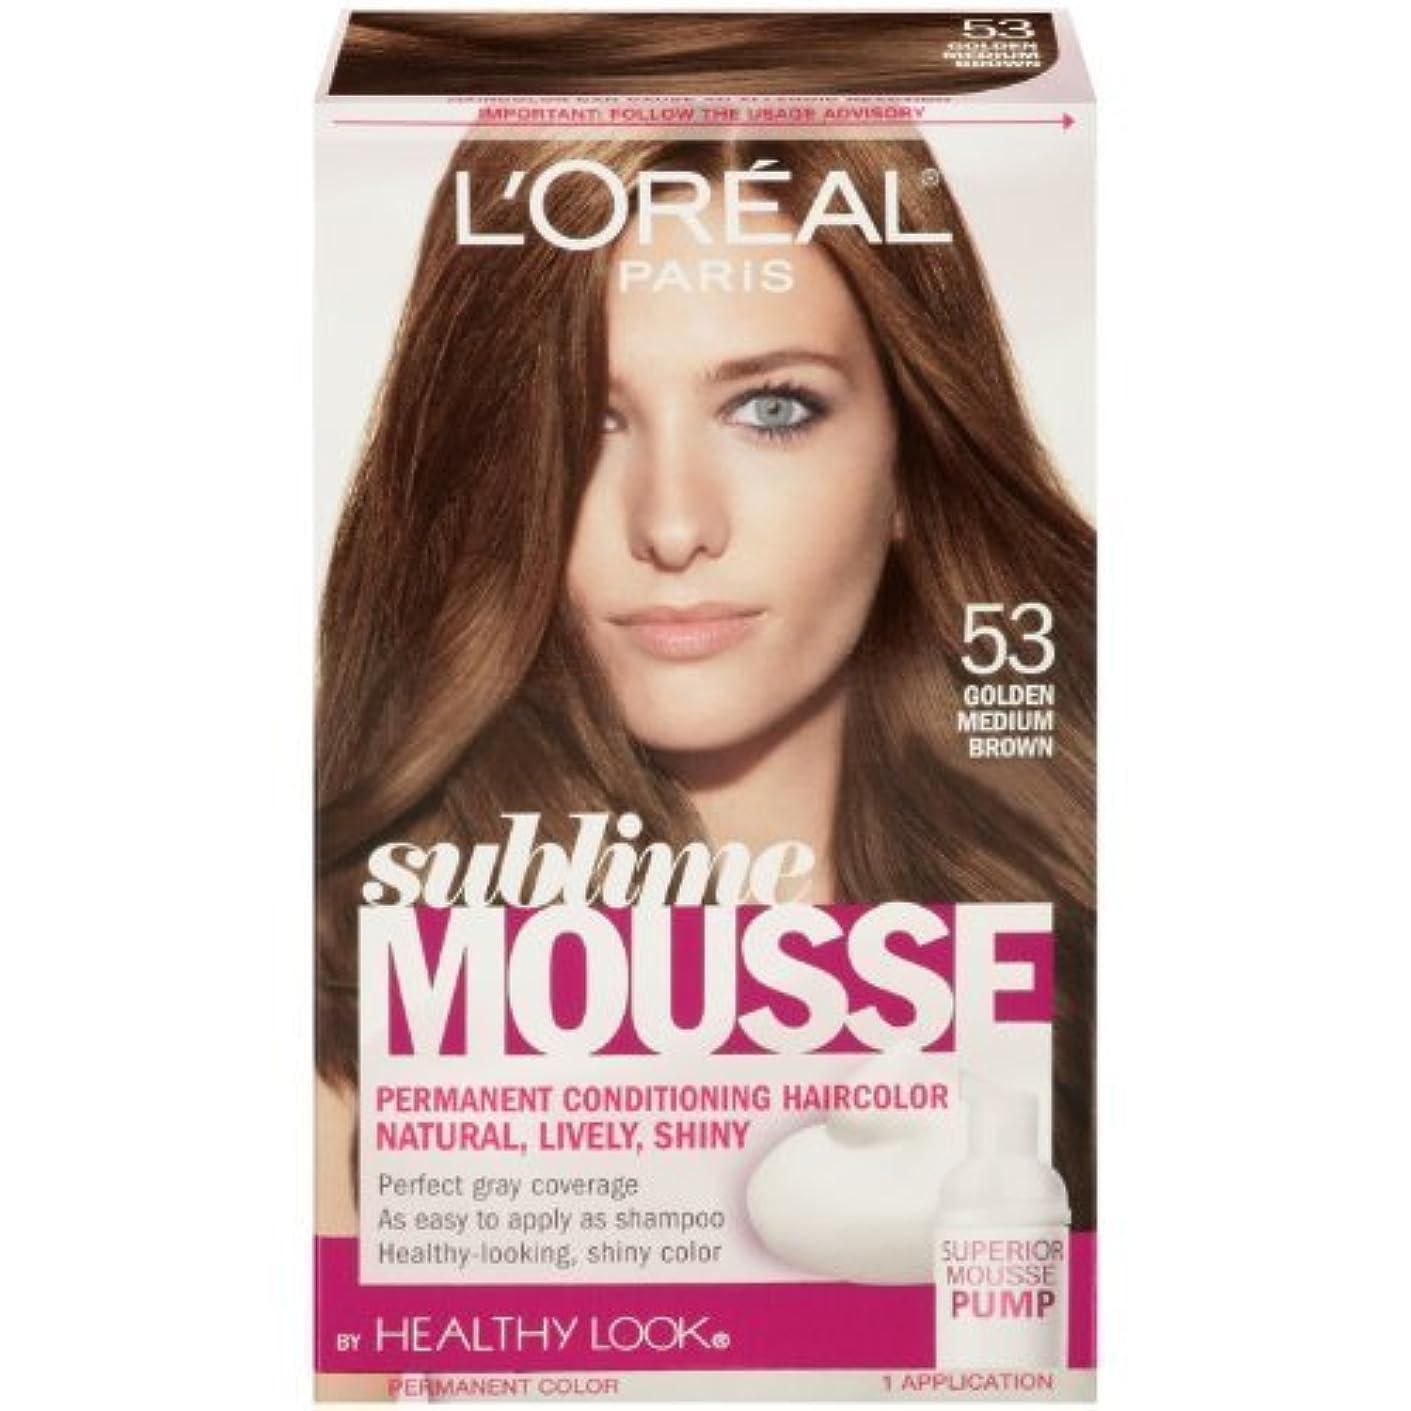 影響を受けやすいです委託航海L'Oreal Paris Sublime Mousse by Healthy Look Hair Color, 53 Golden Medium Brown by SUBLIME MOUSSE [並行輸入品]